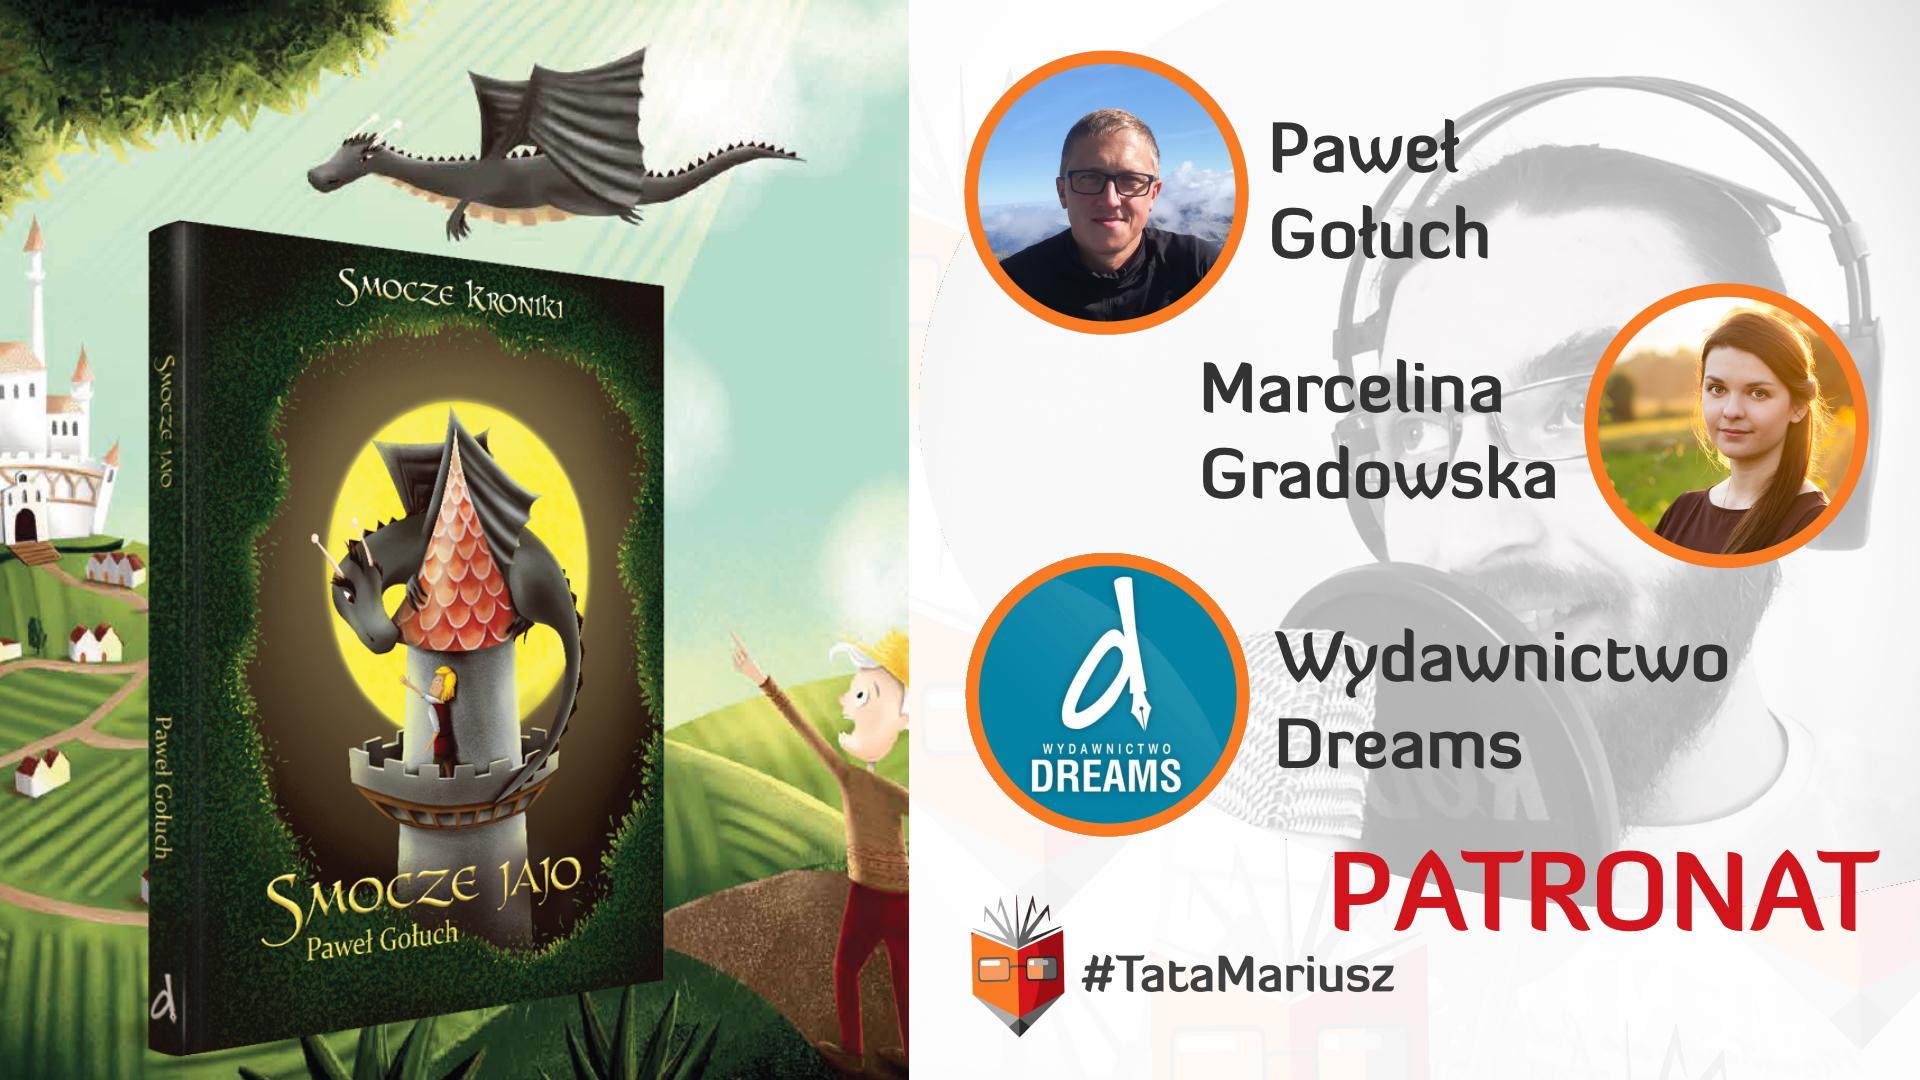 Patronat - Paweł Gołuch - SMOCZE KRONIKI - Księga Pierwsza - SMOCZE JAJO